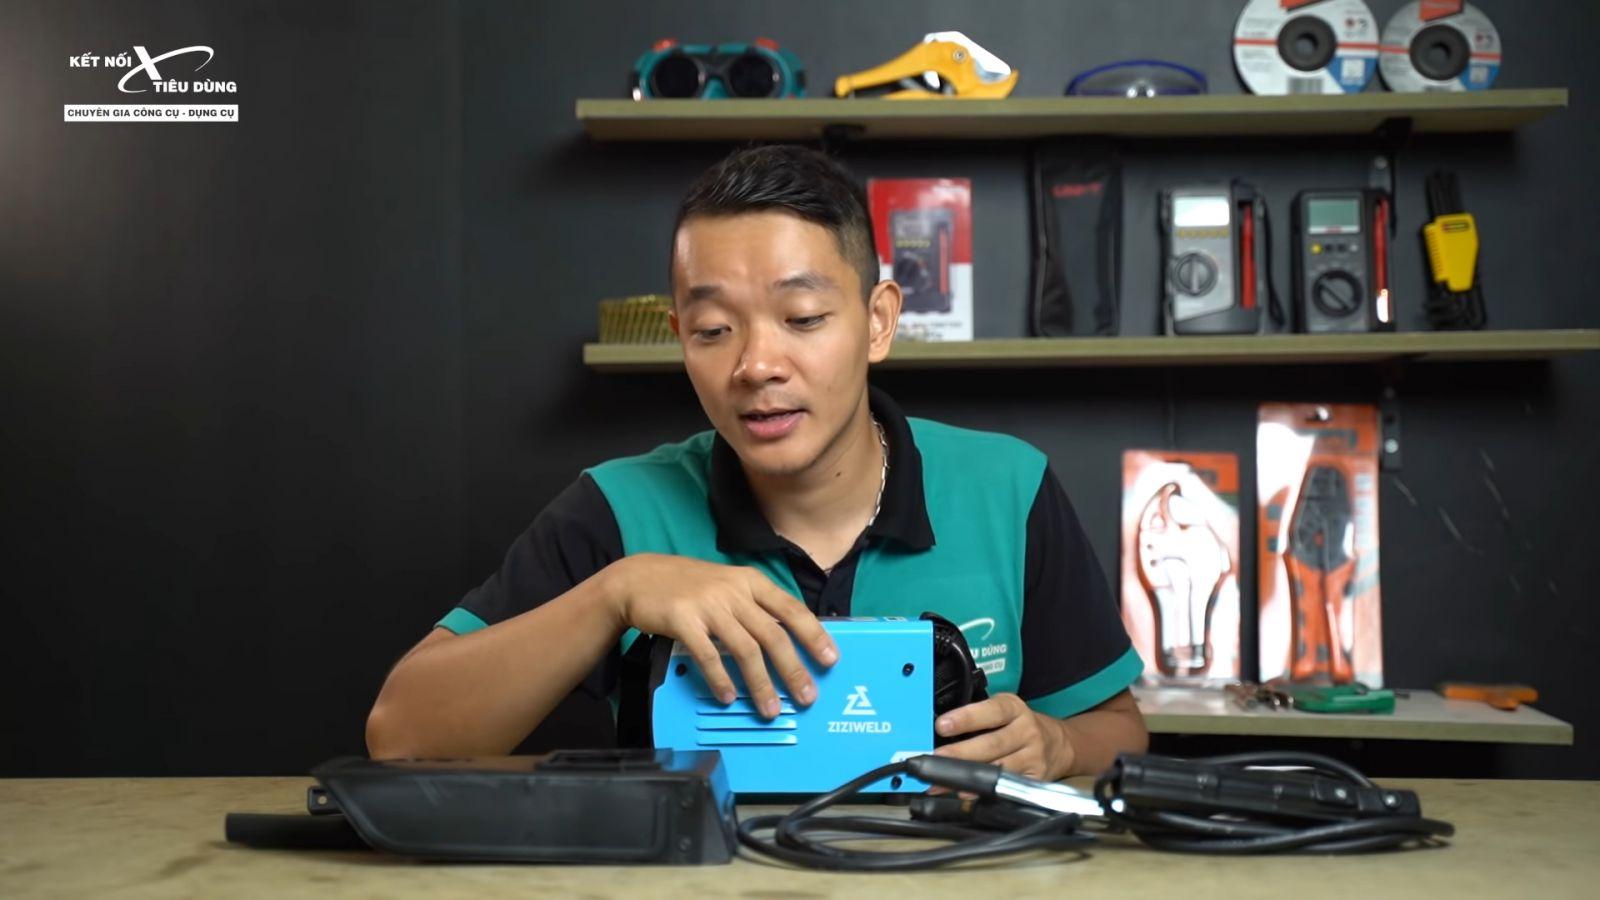 Review máy hàn que mini Ziziwweld ZARC 2500: siêu nhỏ, kéo que 2.5mm ngon lành, giá chỉ 1tr2, Weldcom phân phối - địa chỉ mua máy hàn